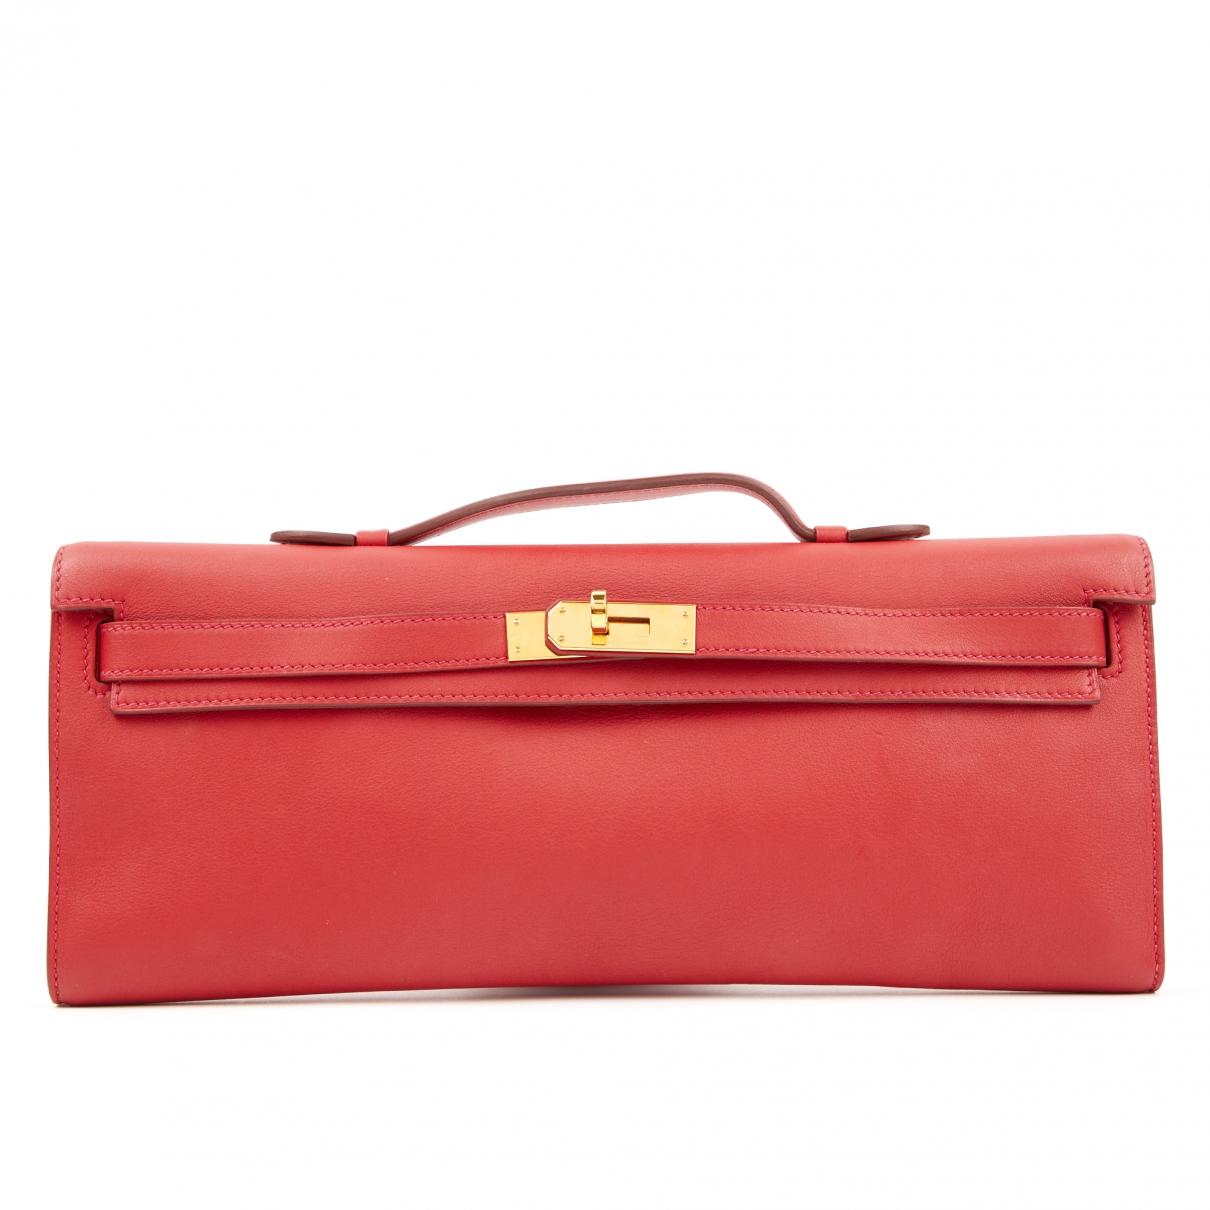 Hermès Kelly Cut Clutch Red Leather Clutch bag for Women \N